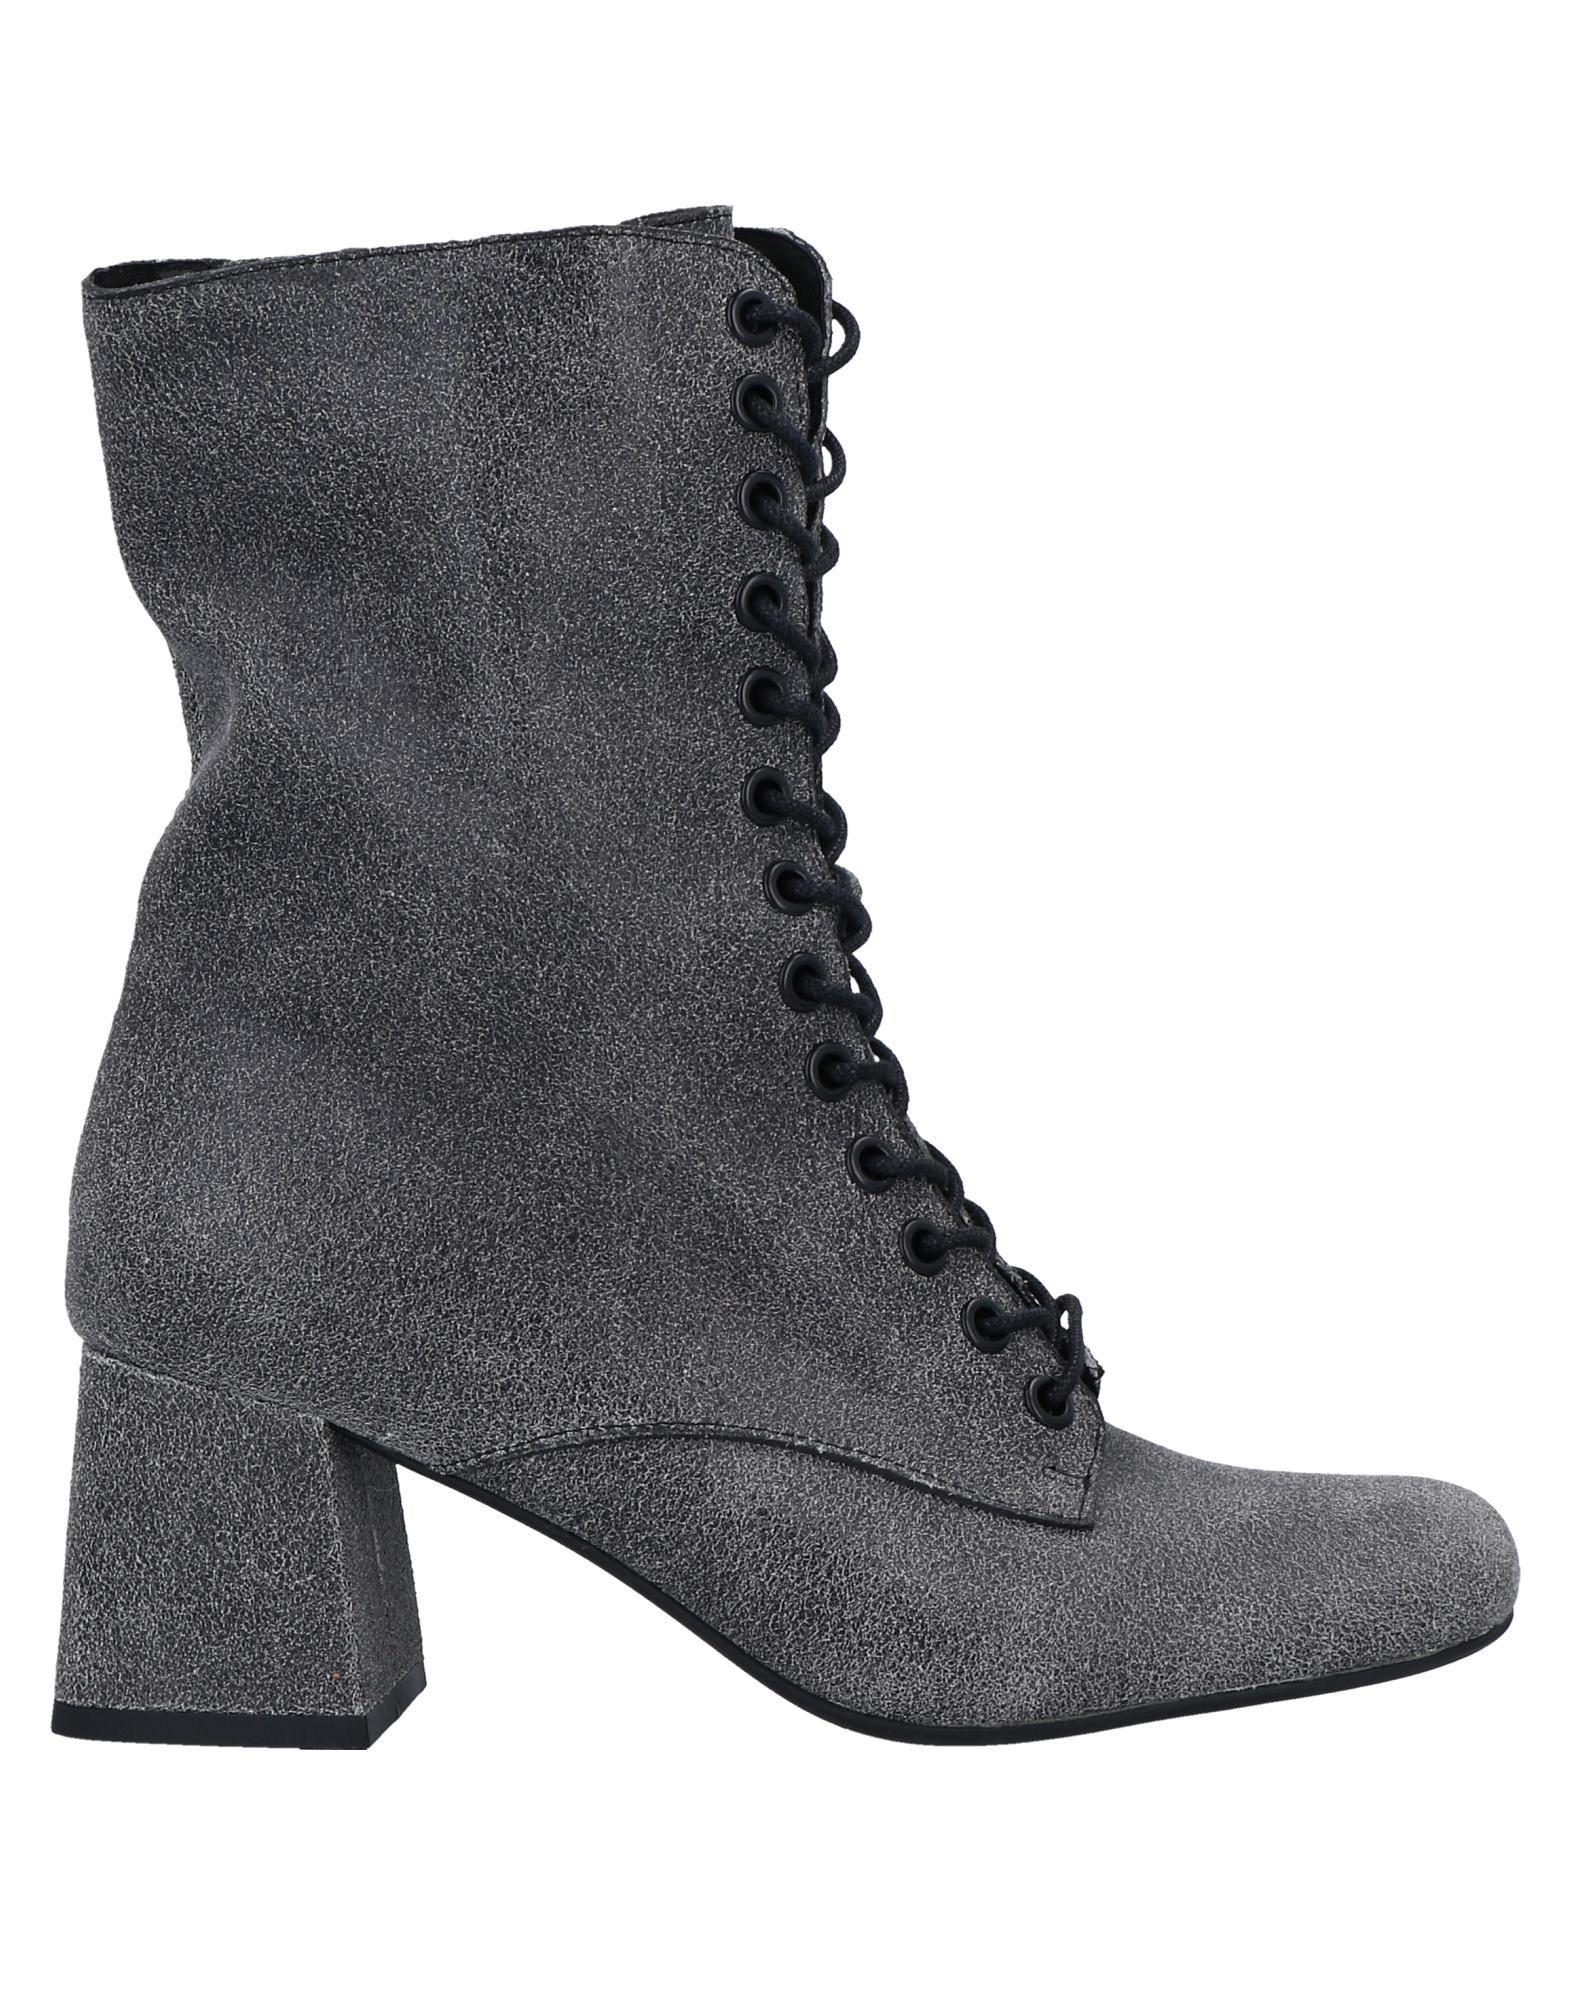 JEFFREY CAMPBELL Полусапоги и высокие ботинки ботинки jeffrey campbell ботинки